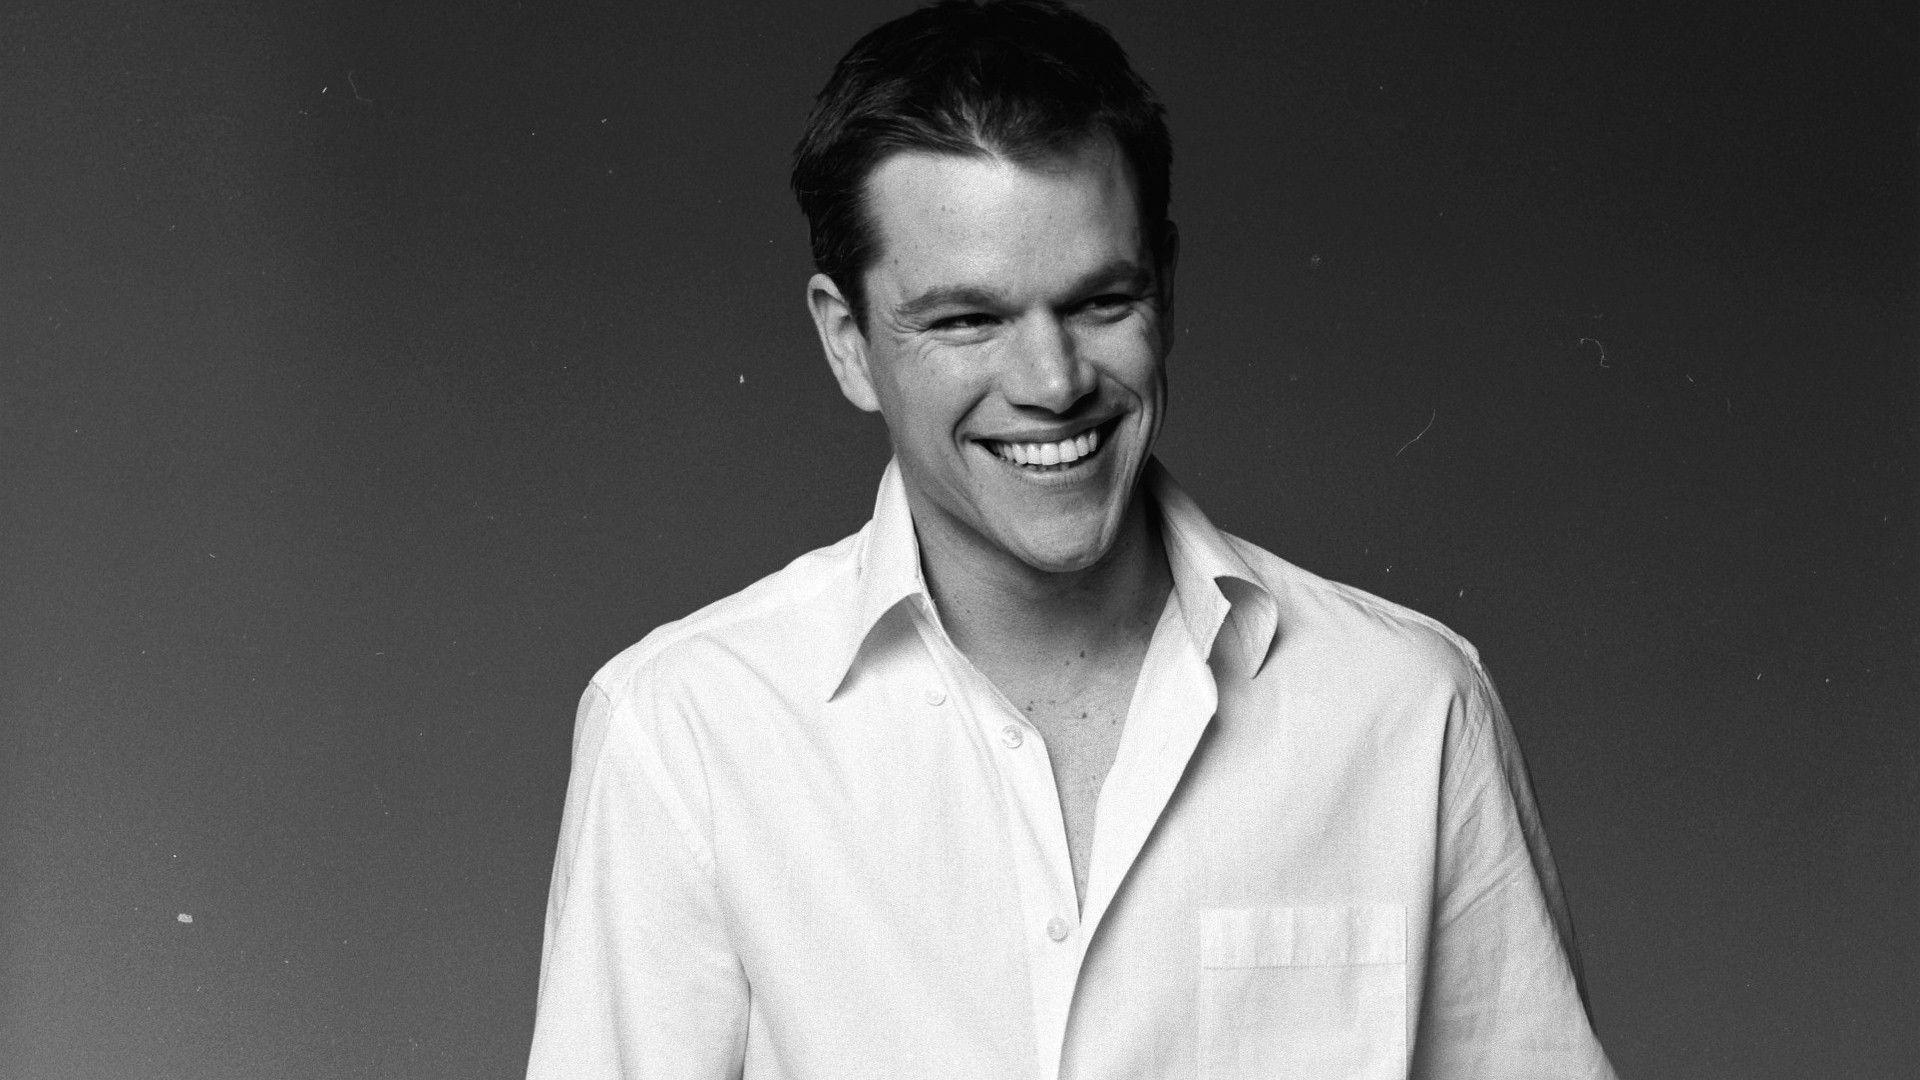 Matt Damon Computer Wallpapers